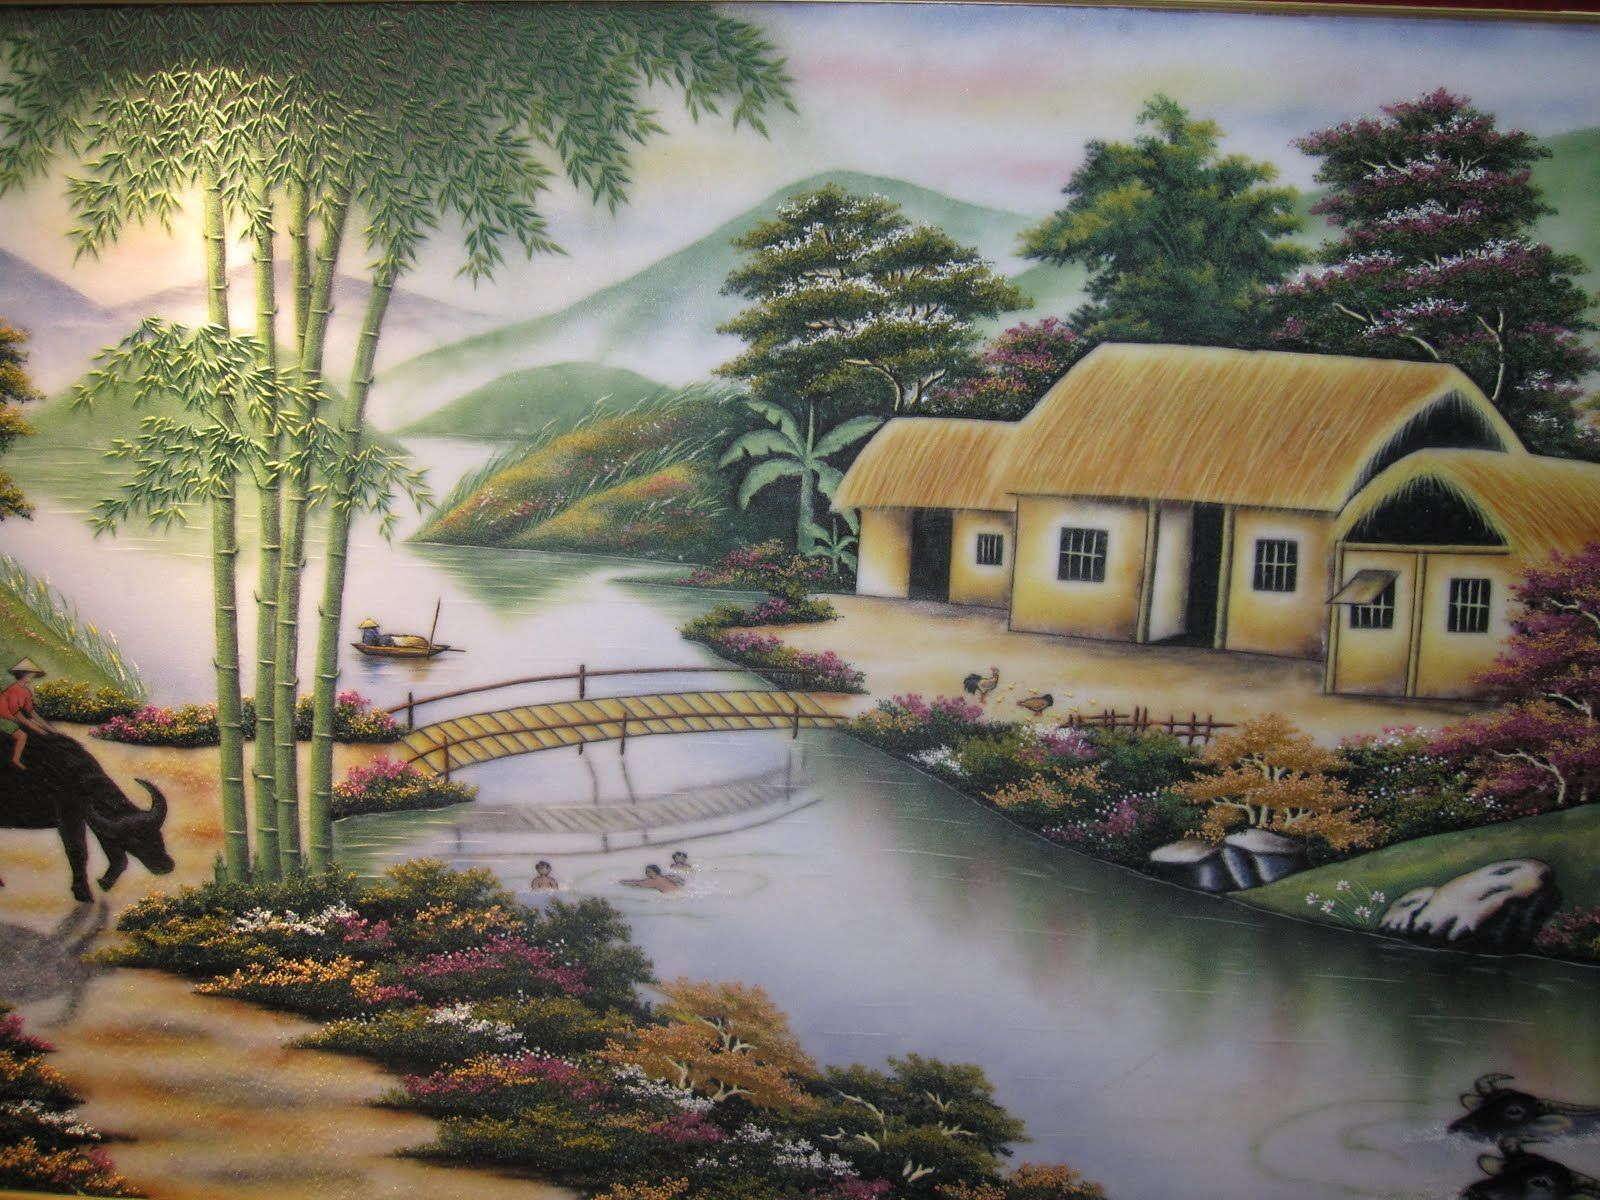 Canh Dep Que Huong Tranh Phong Cảnh Lang Que đẹp Sieuthitranhdep Net Phong Cảnh Tranh Kinh Bức Tranh Phong Cảnh